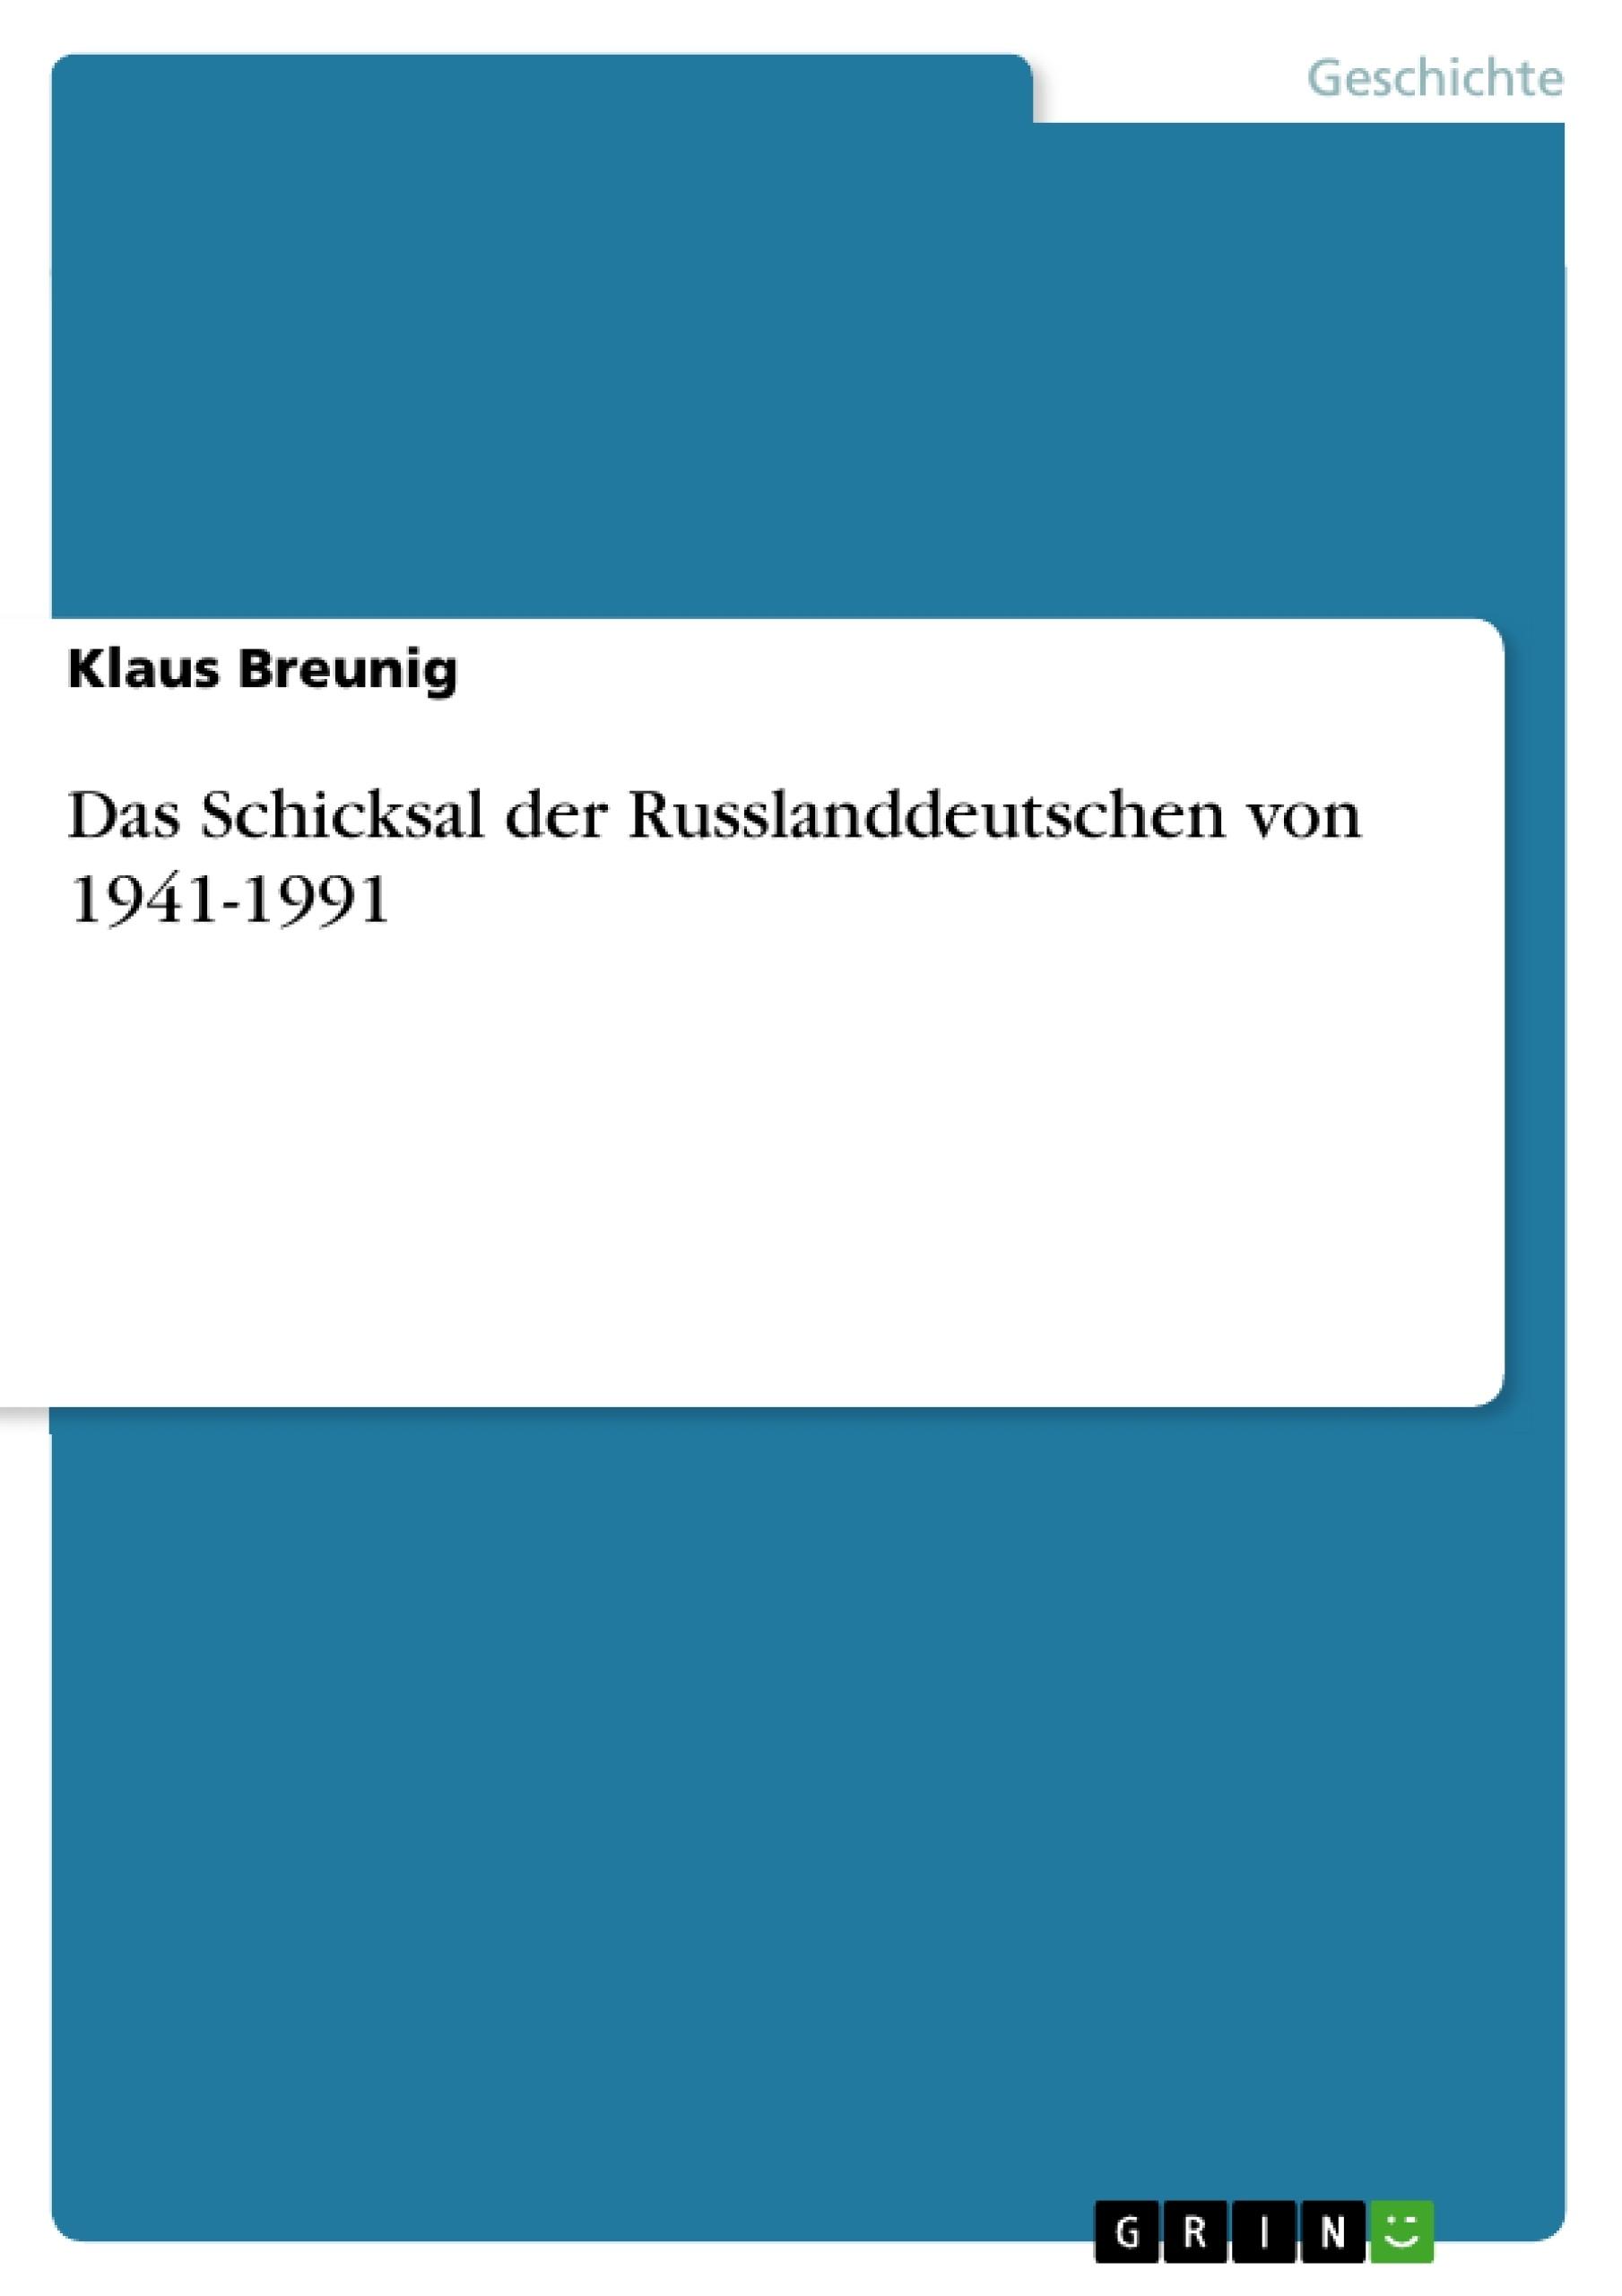 Titel: Das Schicksal der Russlanddeutschen von 1941-1991